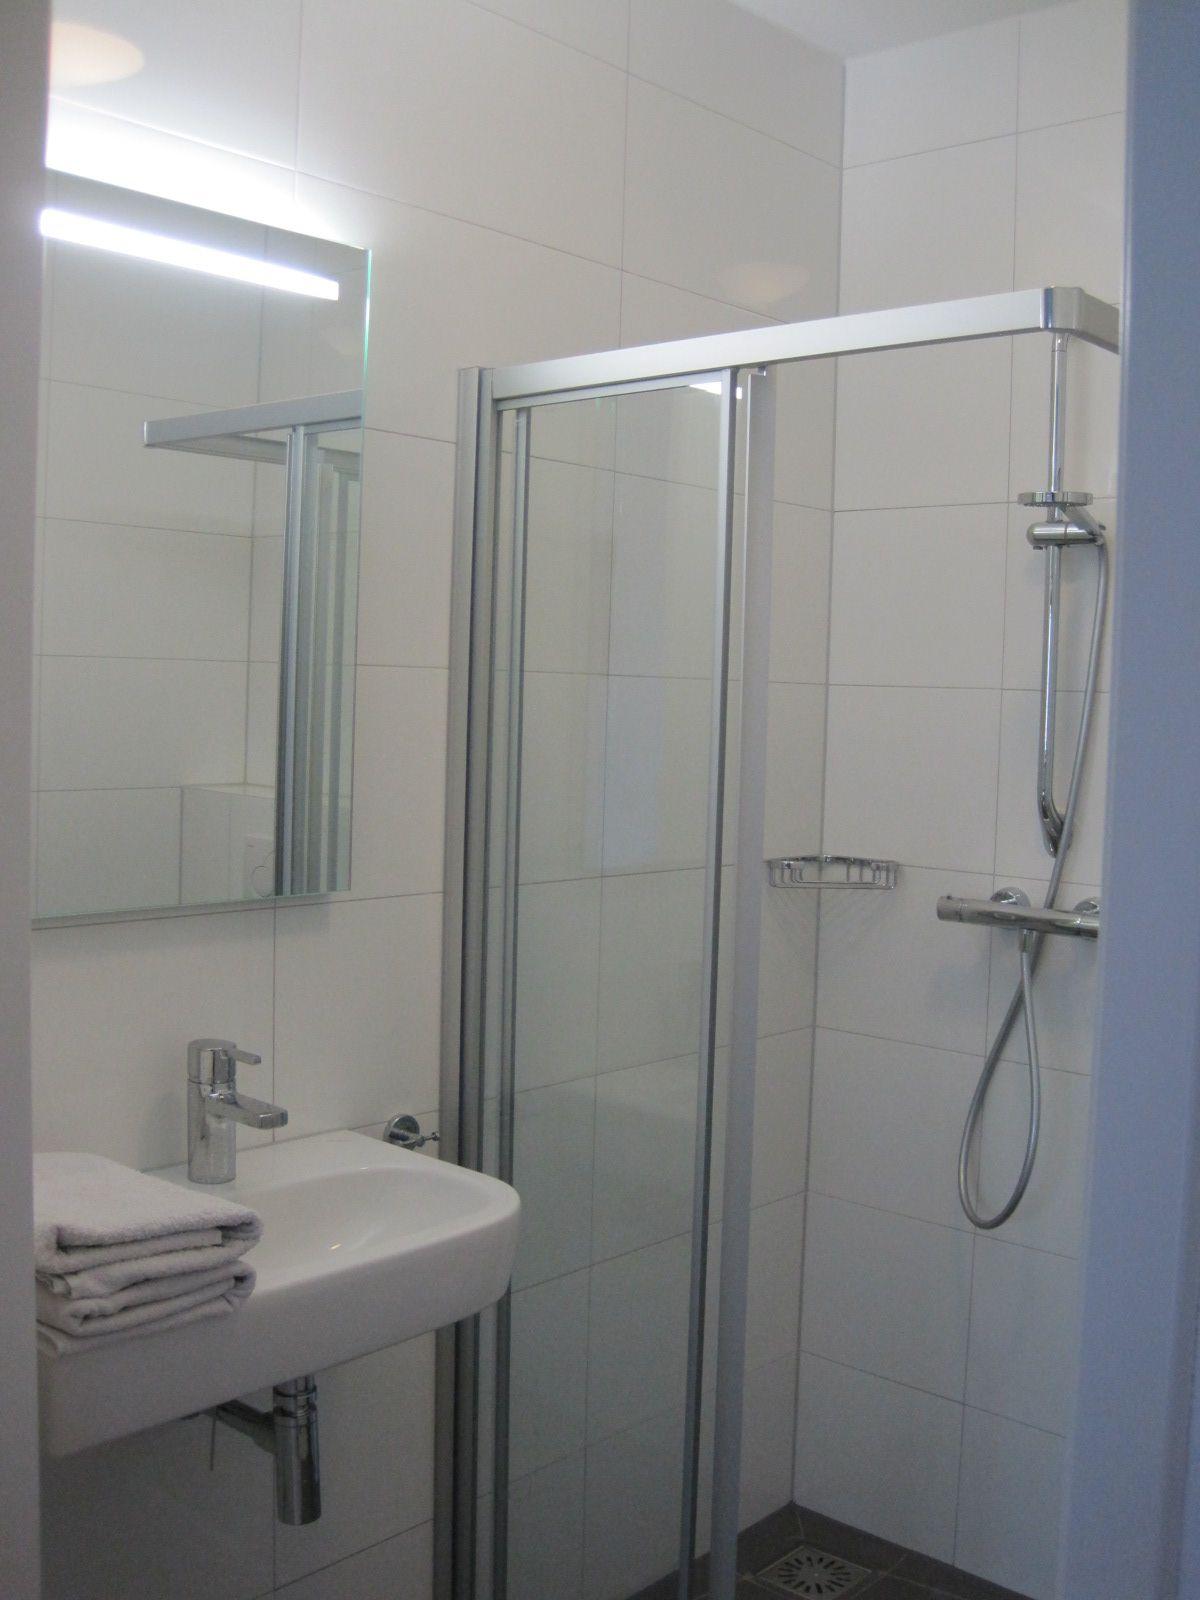 Iedere slaapkamer heeft een eigen #badkamer met wastafel, douche en ...